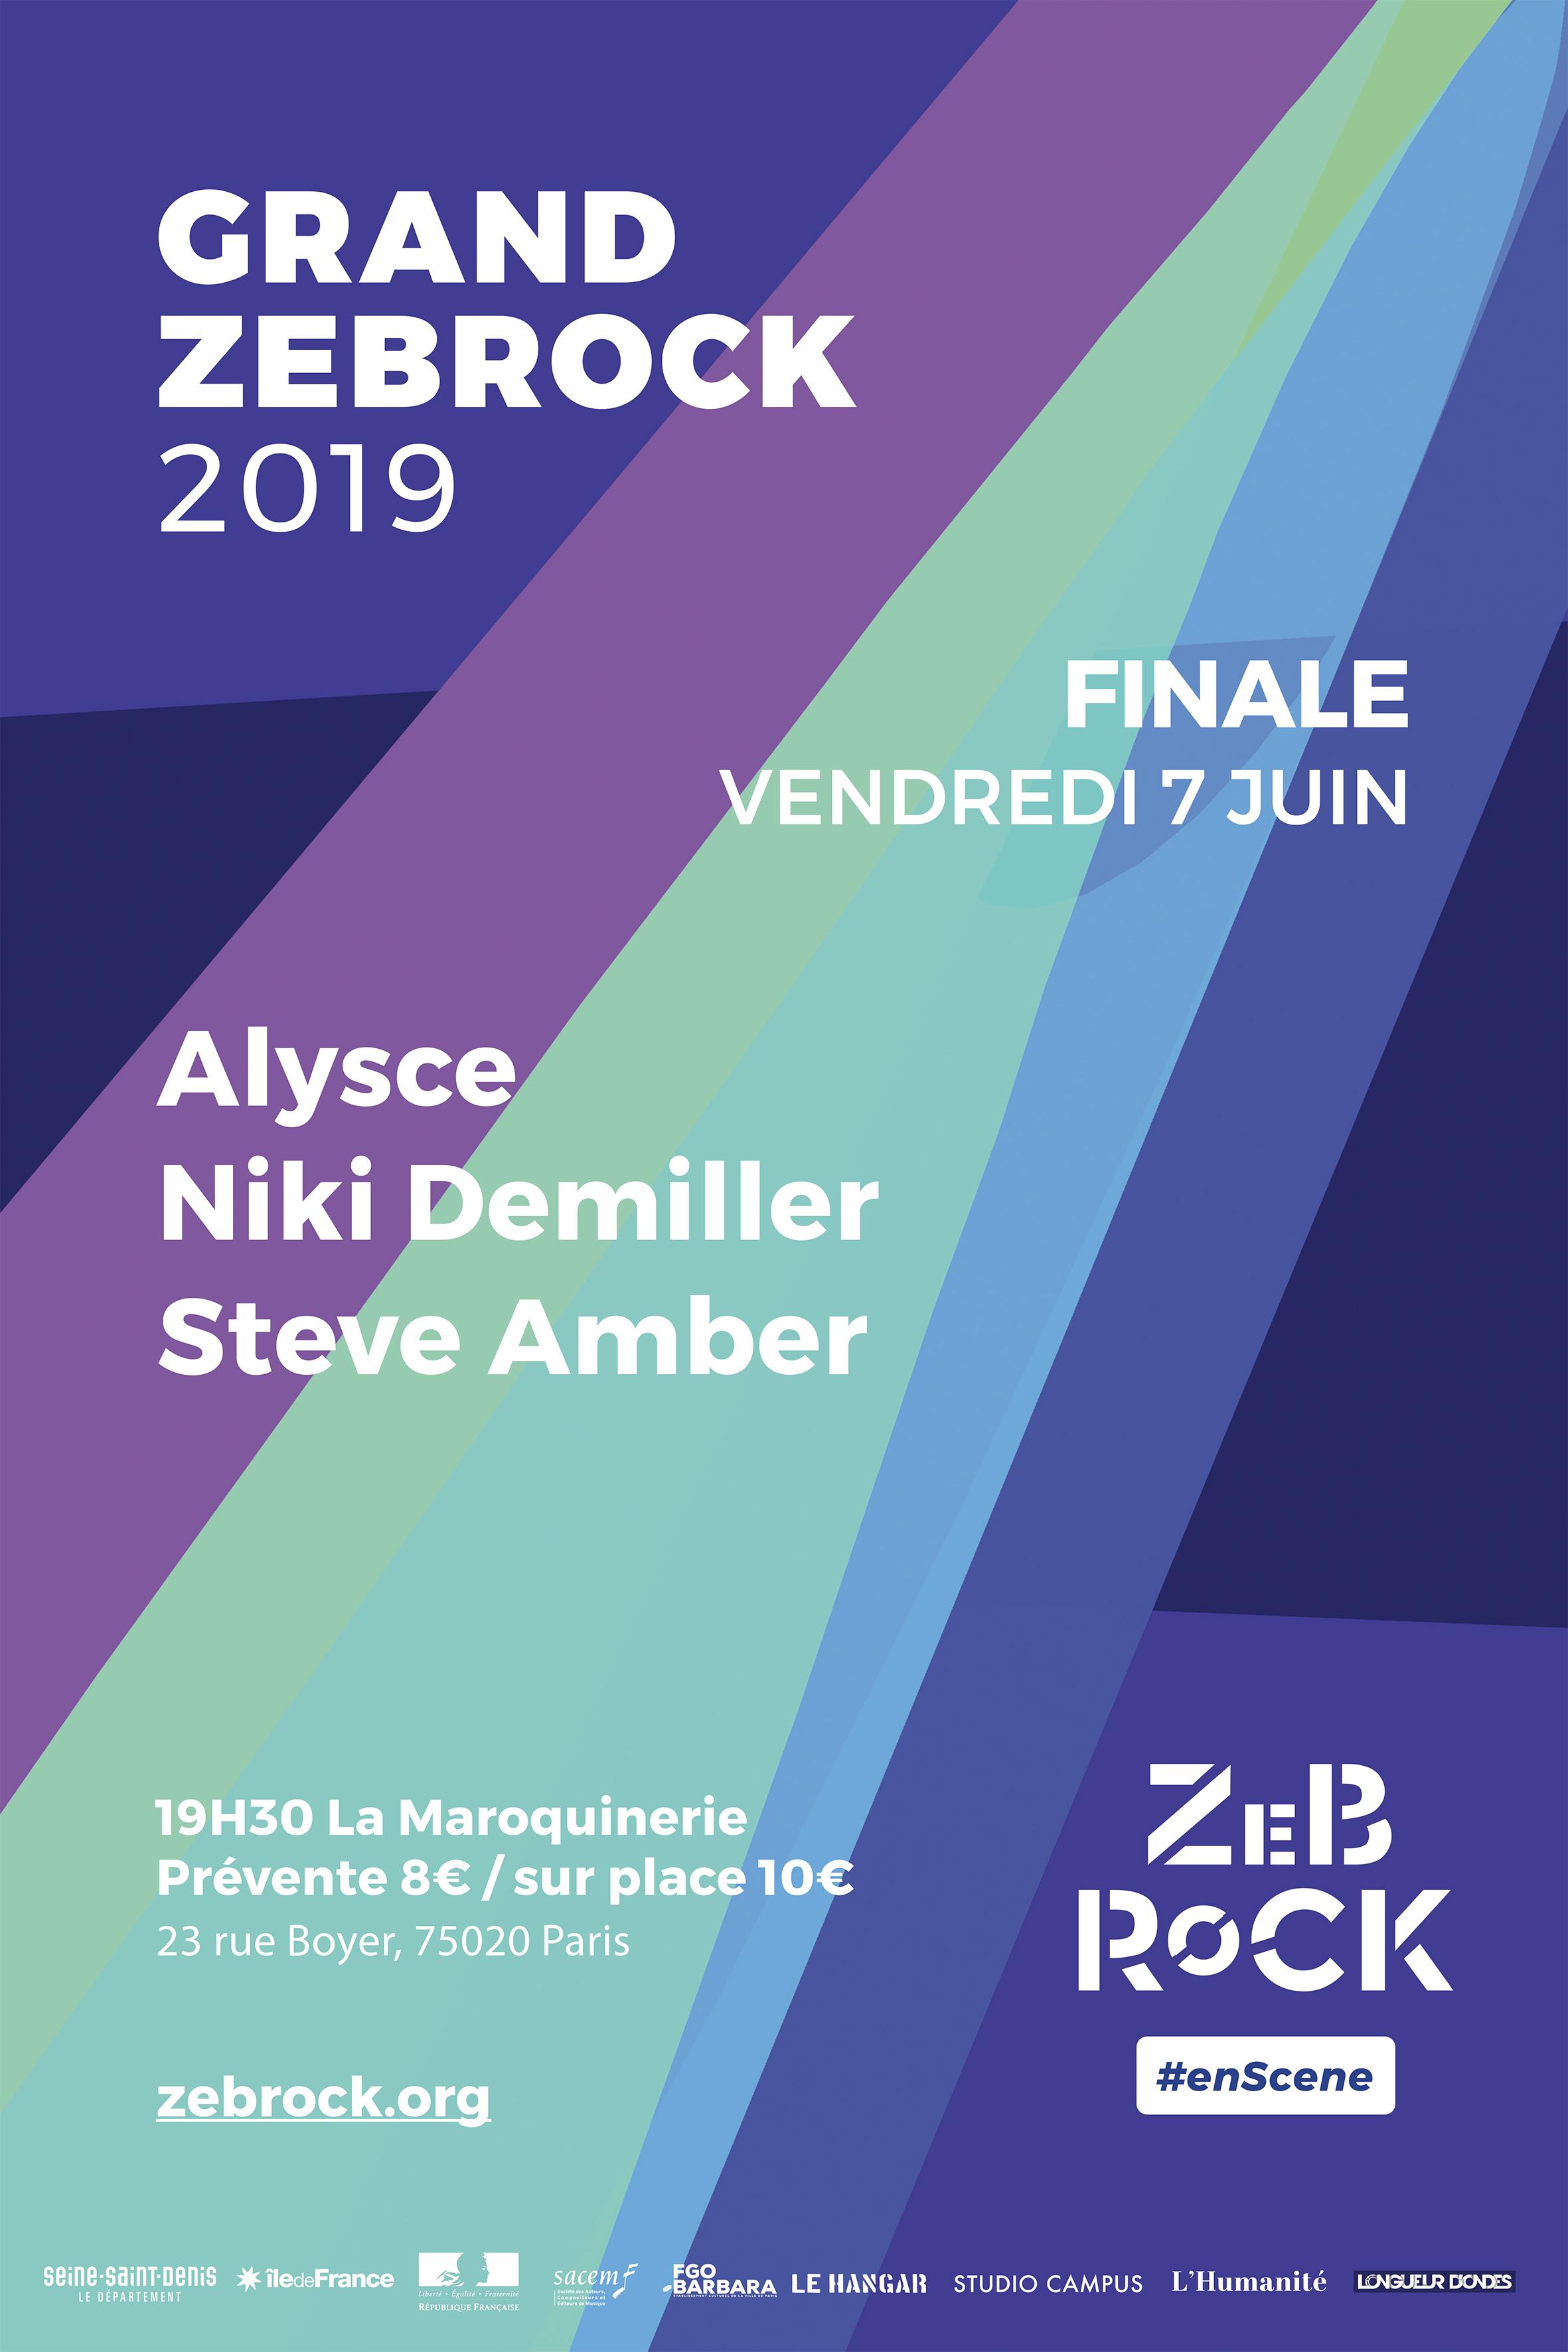 Affiche de la finale du Grand Zebrock 2019.